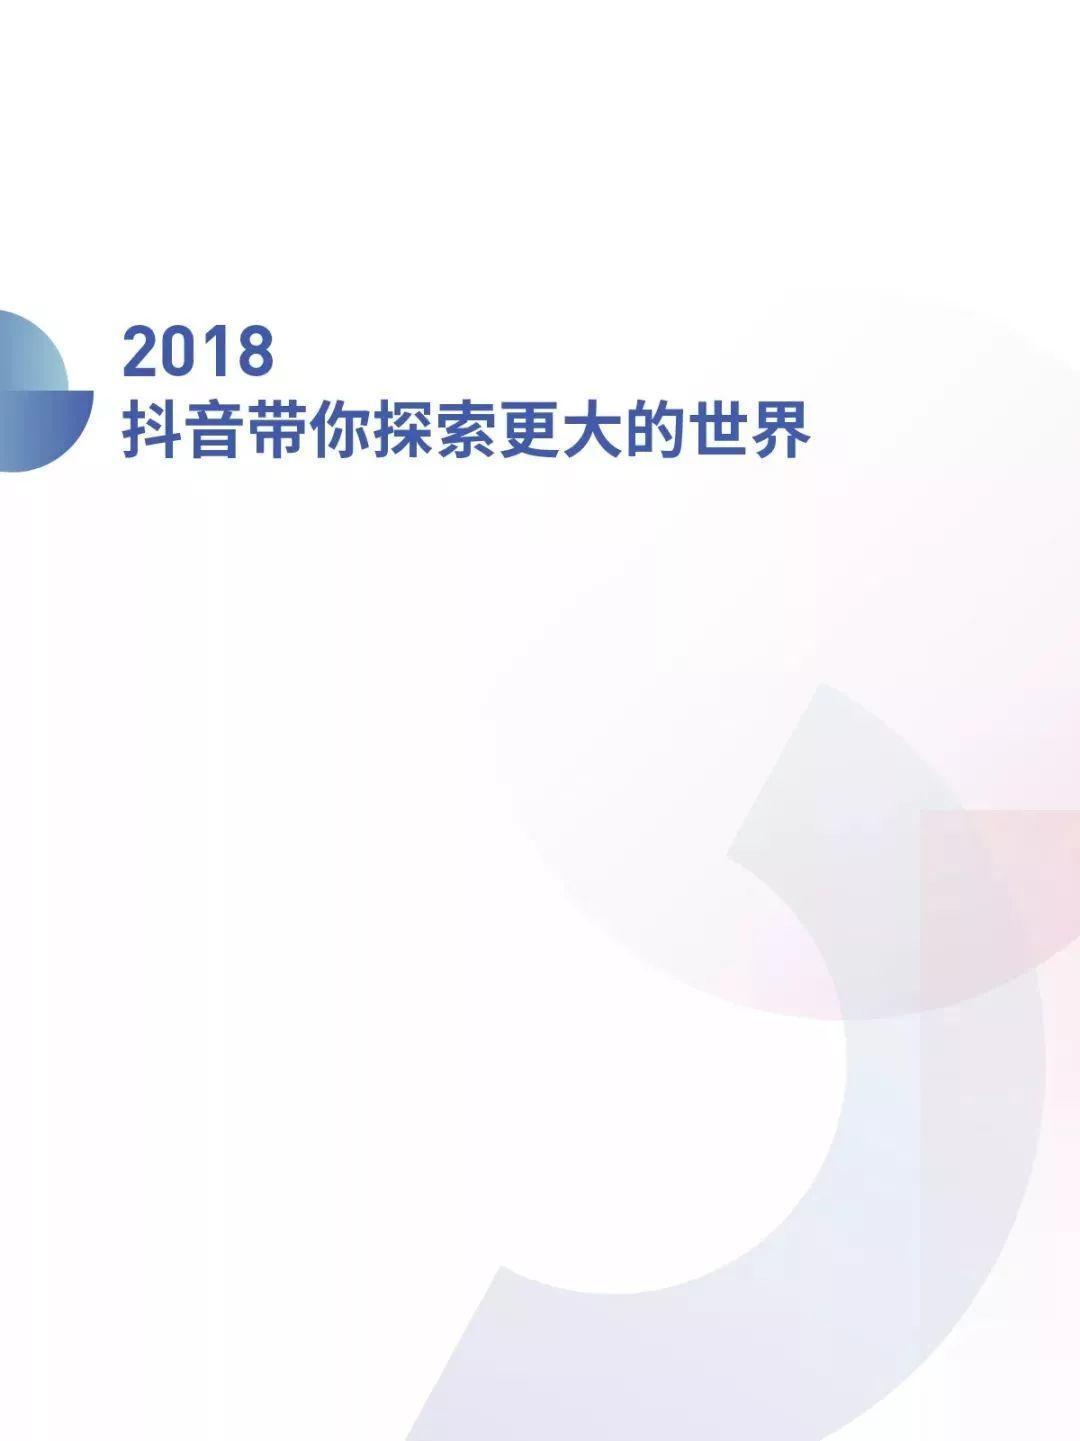 2018抖音大数据报告(完整版)